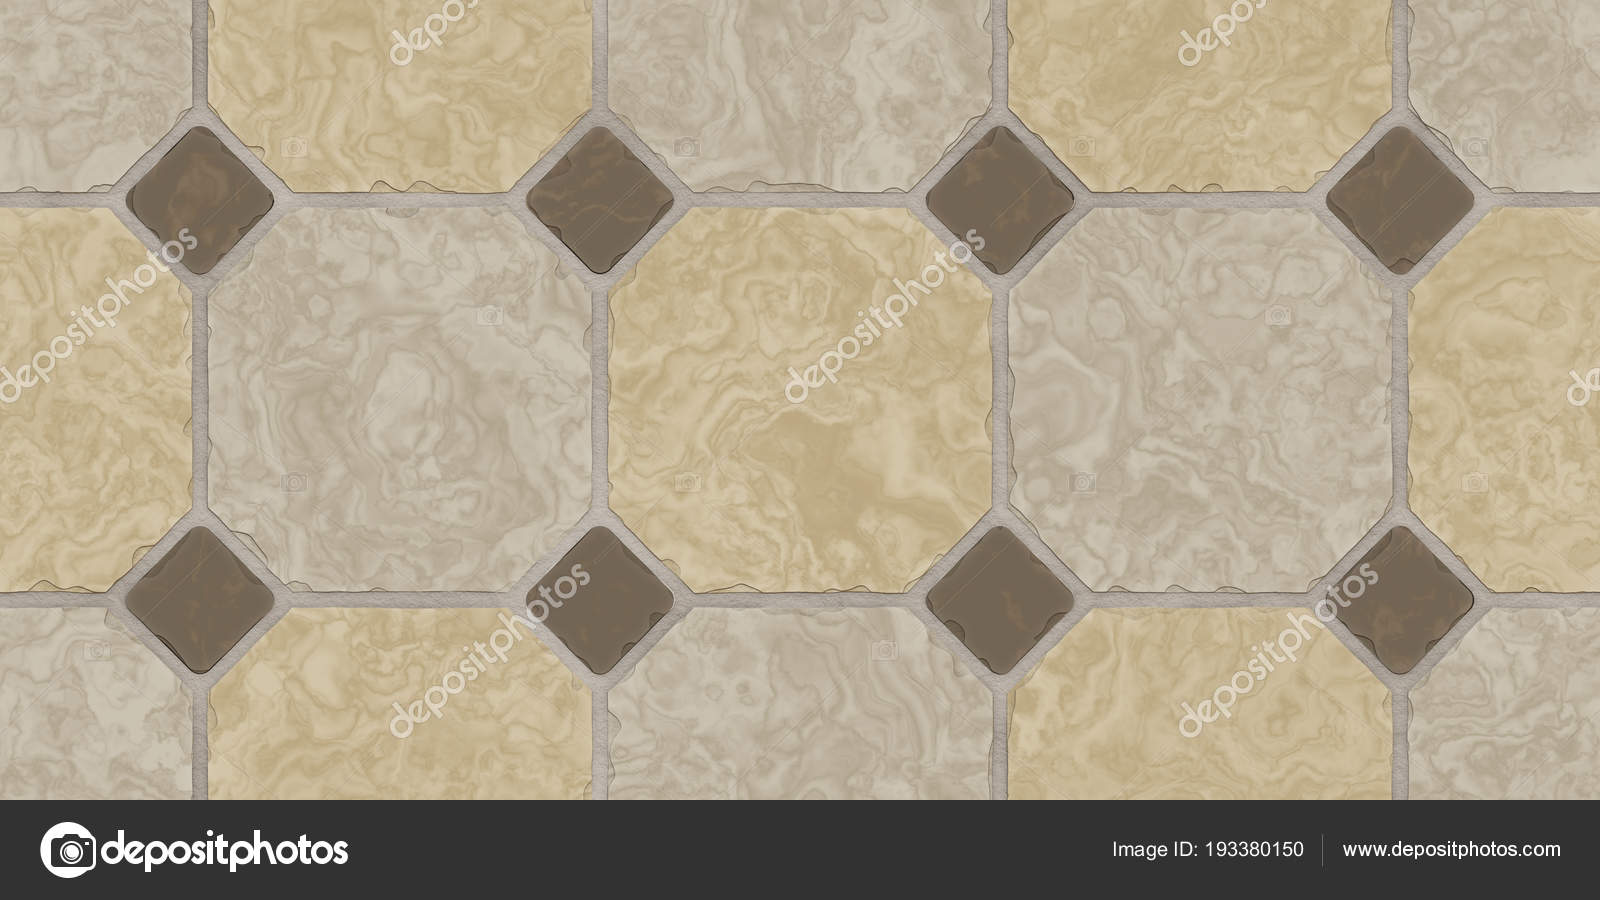 Naadloze Vloer Badkamer : Beige bruin naadloze klassieke vloer tegel textuur mozaïek tegels